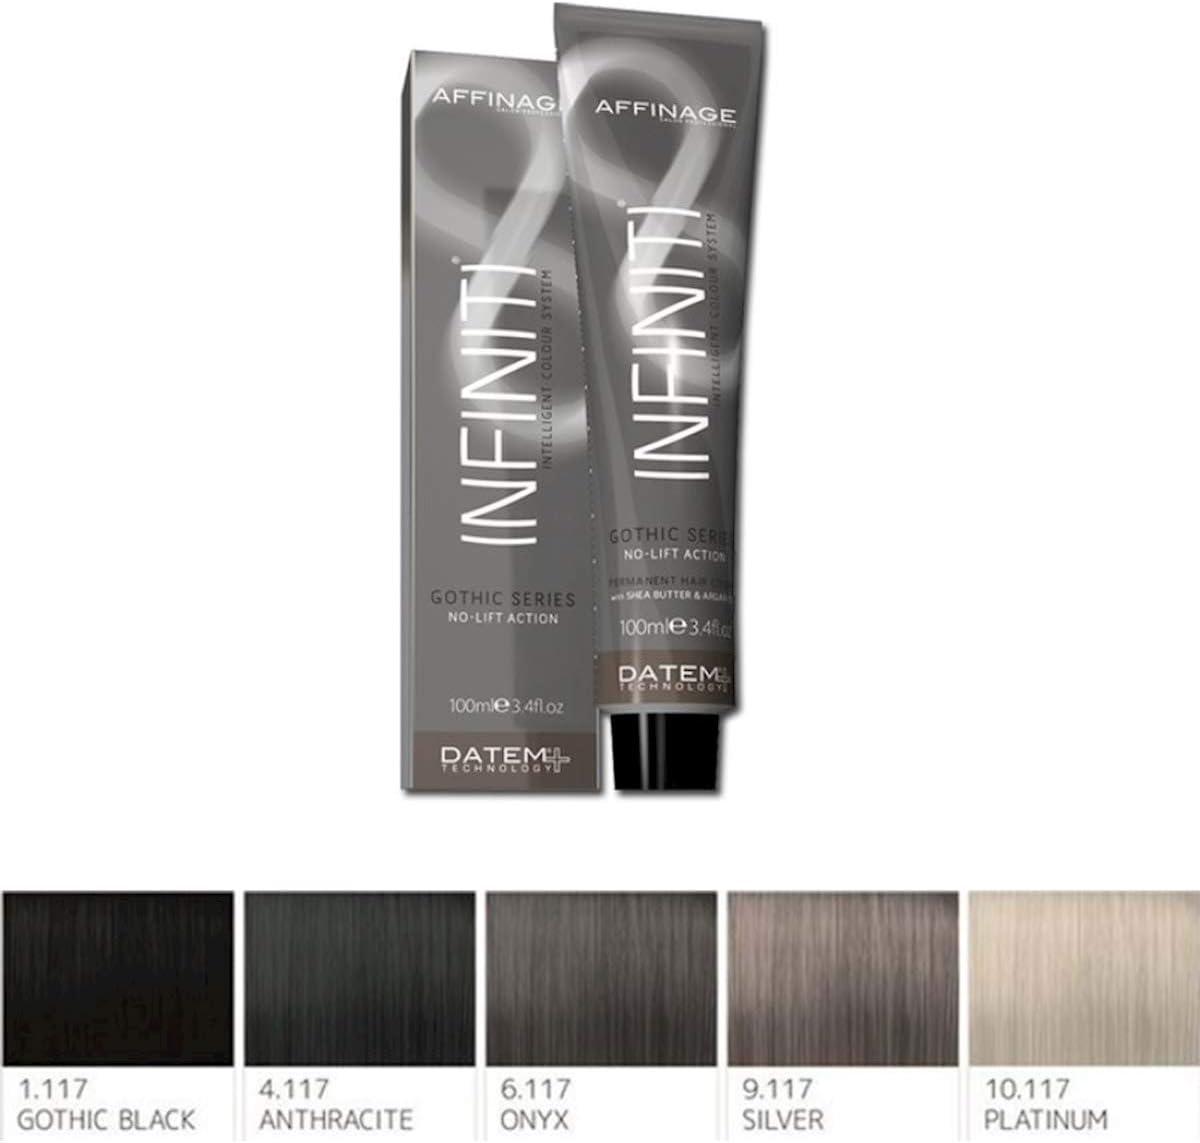 affinage Infiniti gótico gris serie permanente pelo color 6.117 Onyx